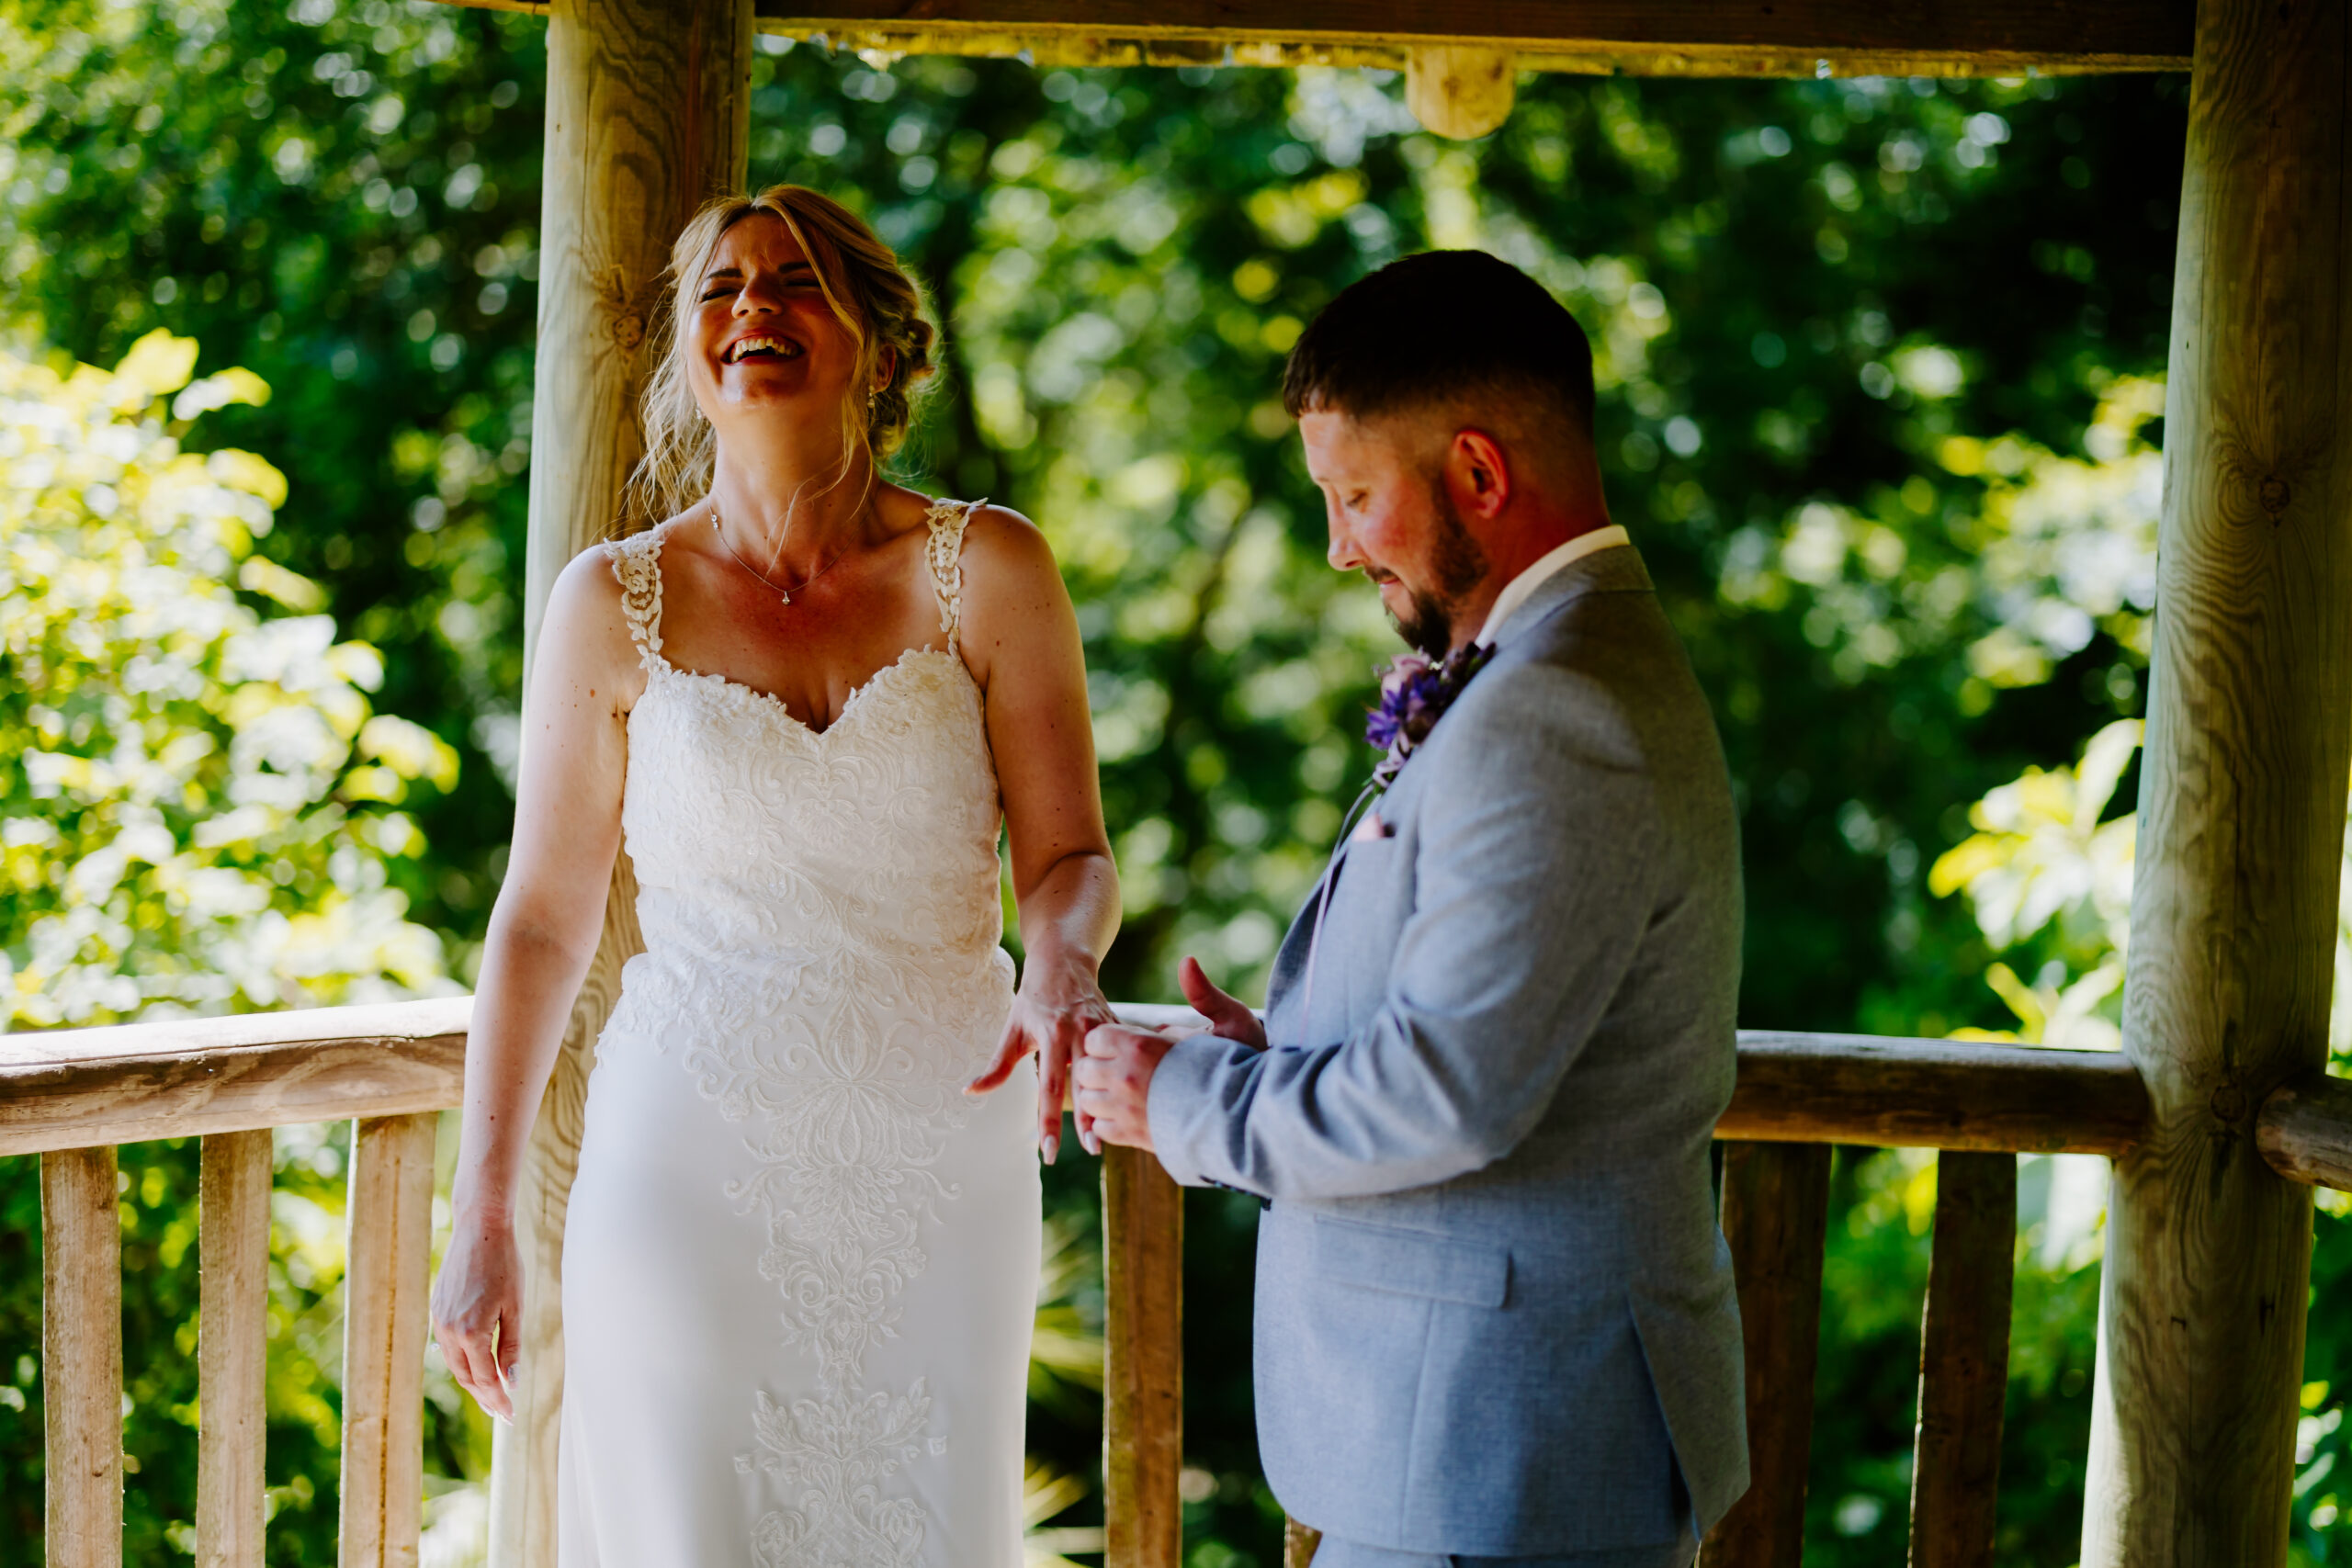 precious moments at Cornwall elopement wedding